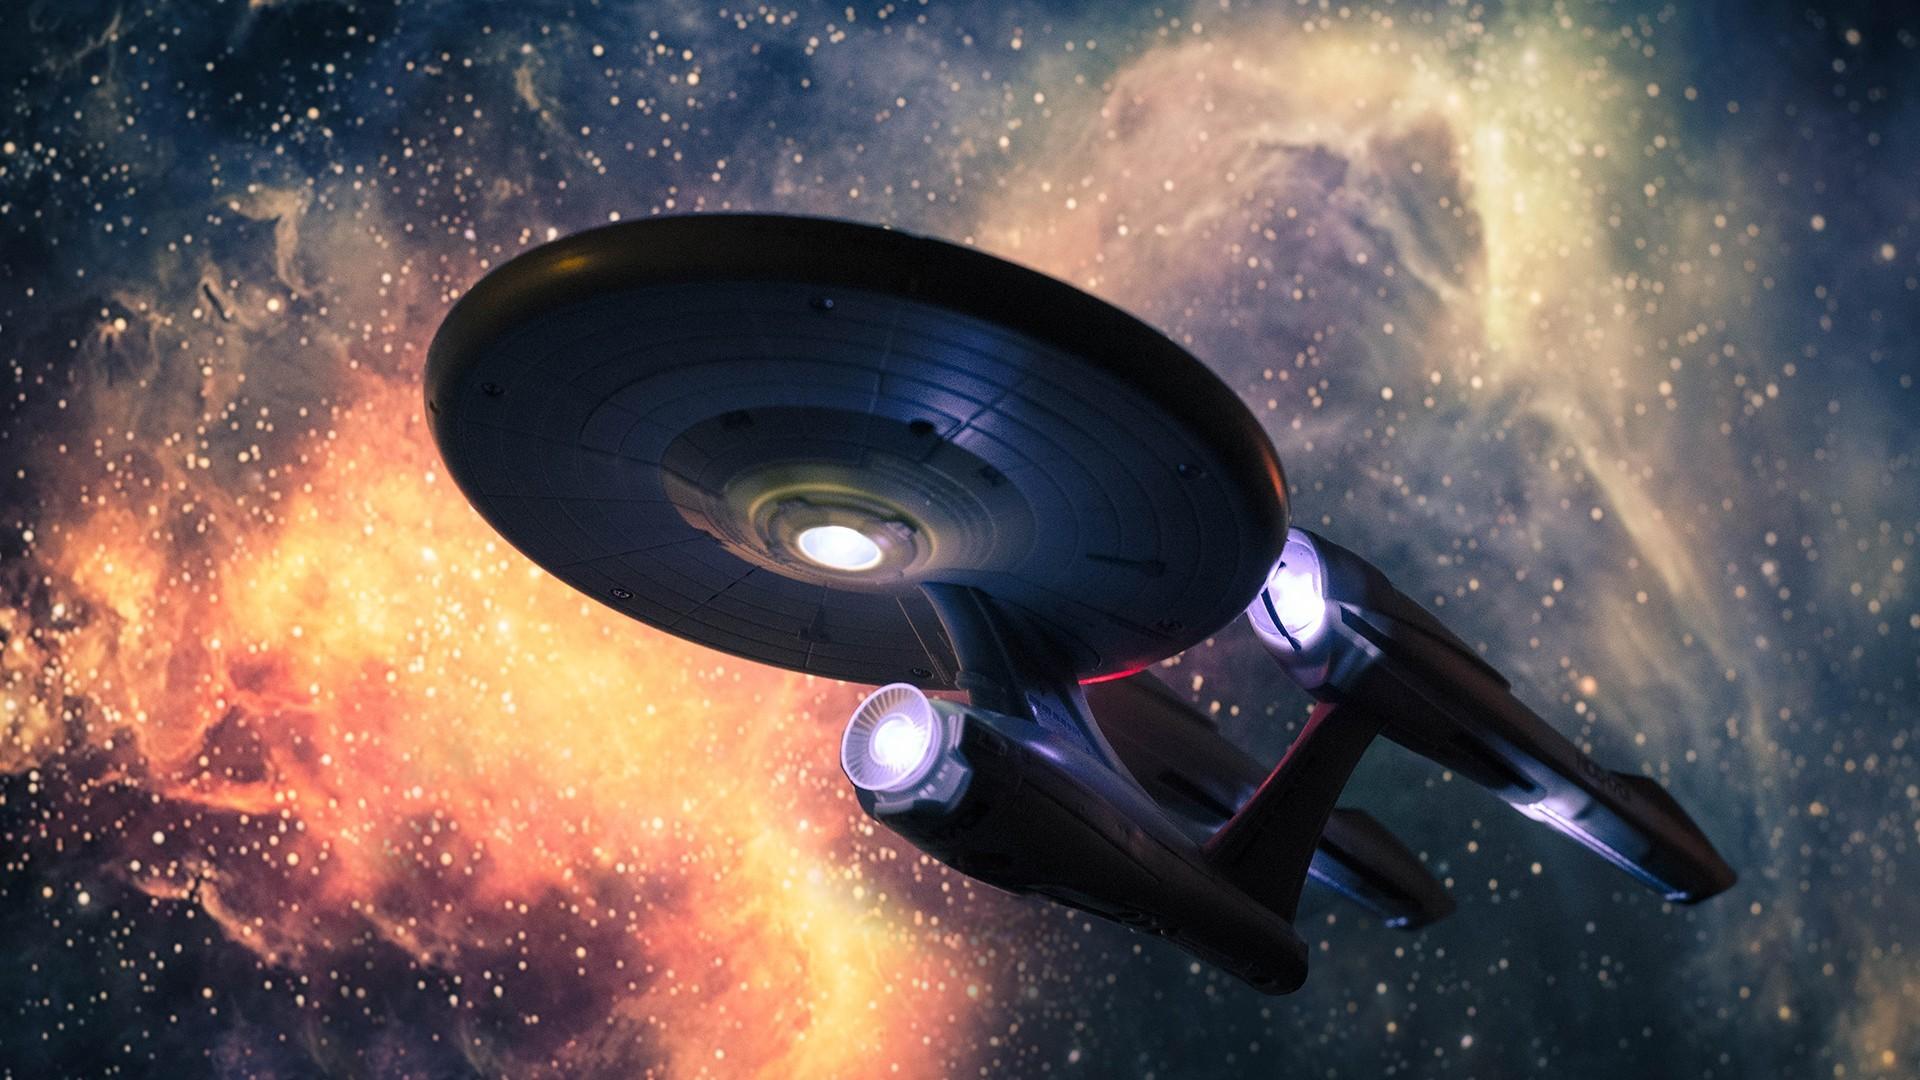 Star Trek Enterprise » WallDevil – Best free HD desktop and mobile .